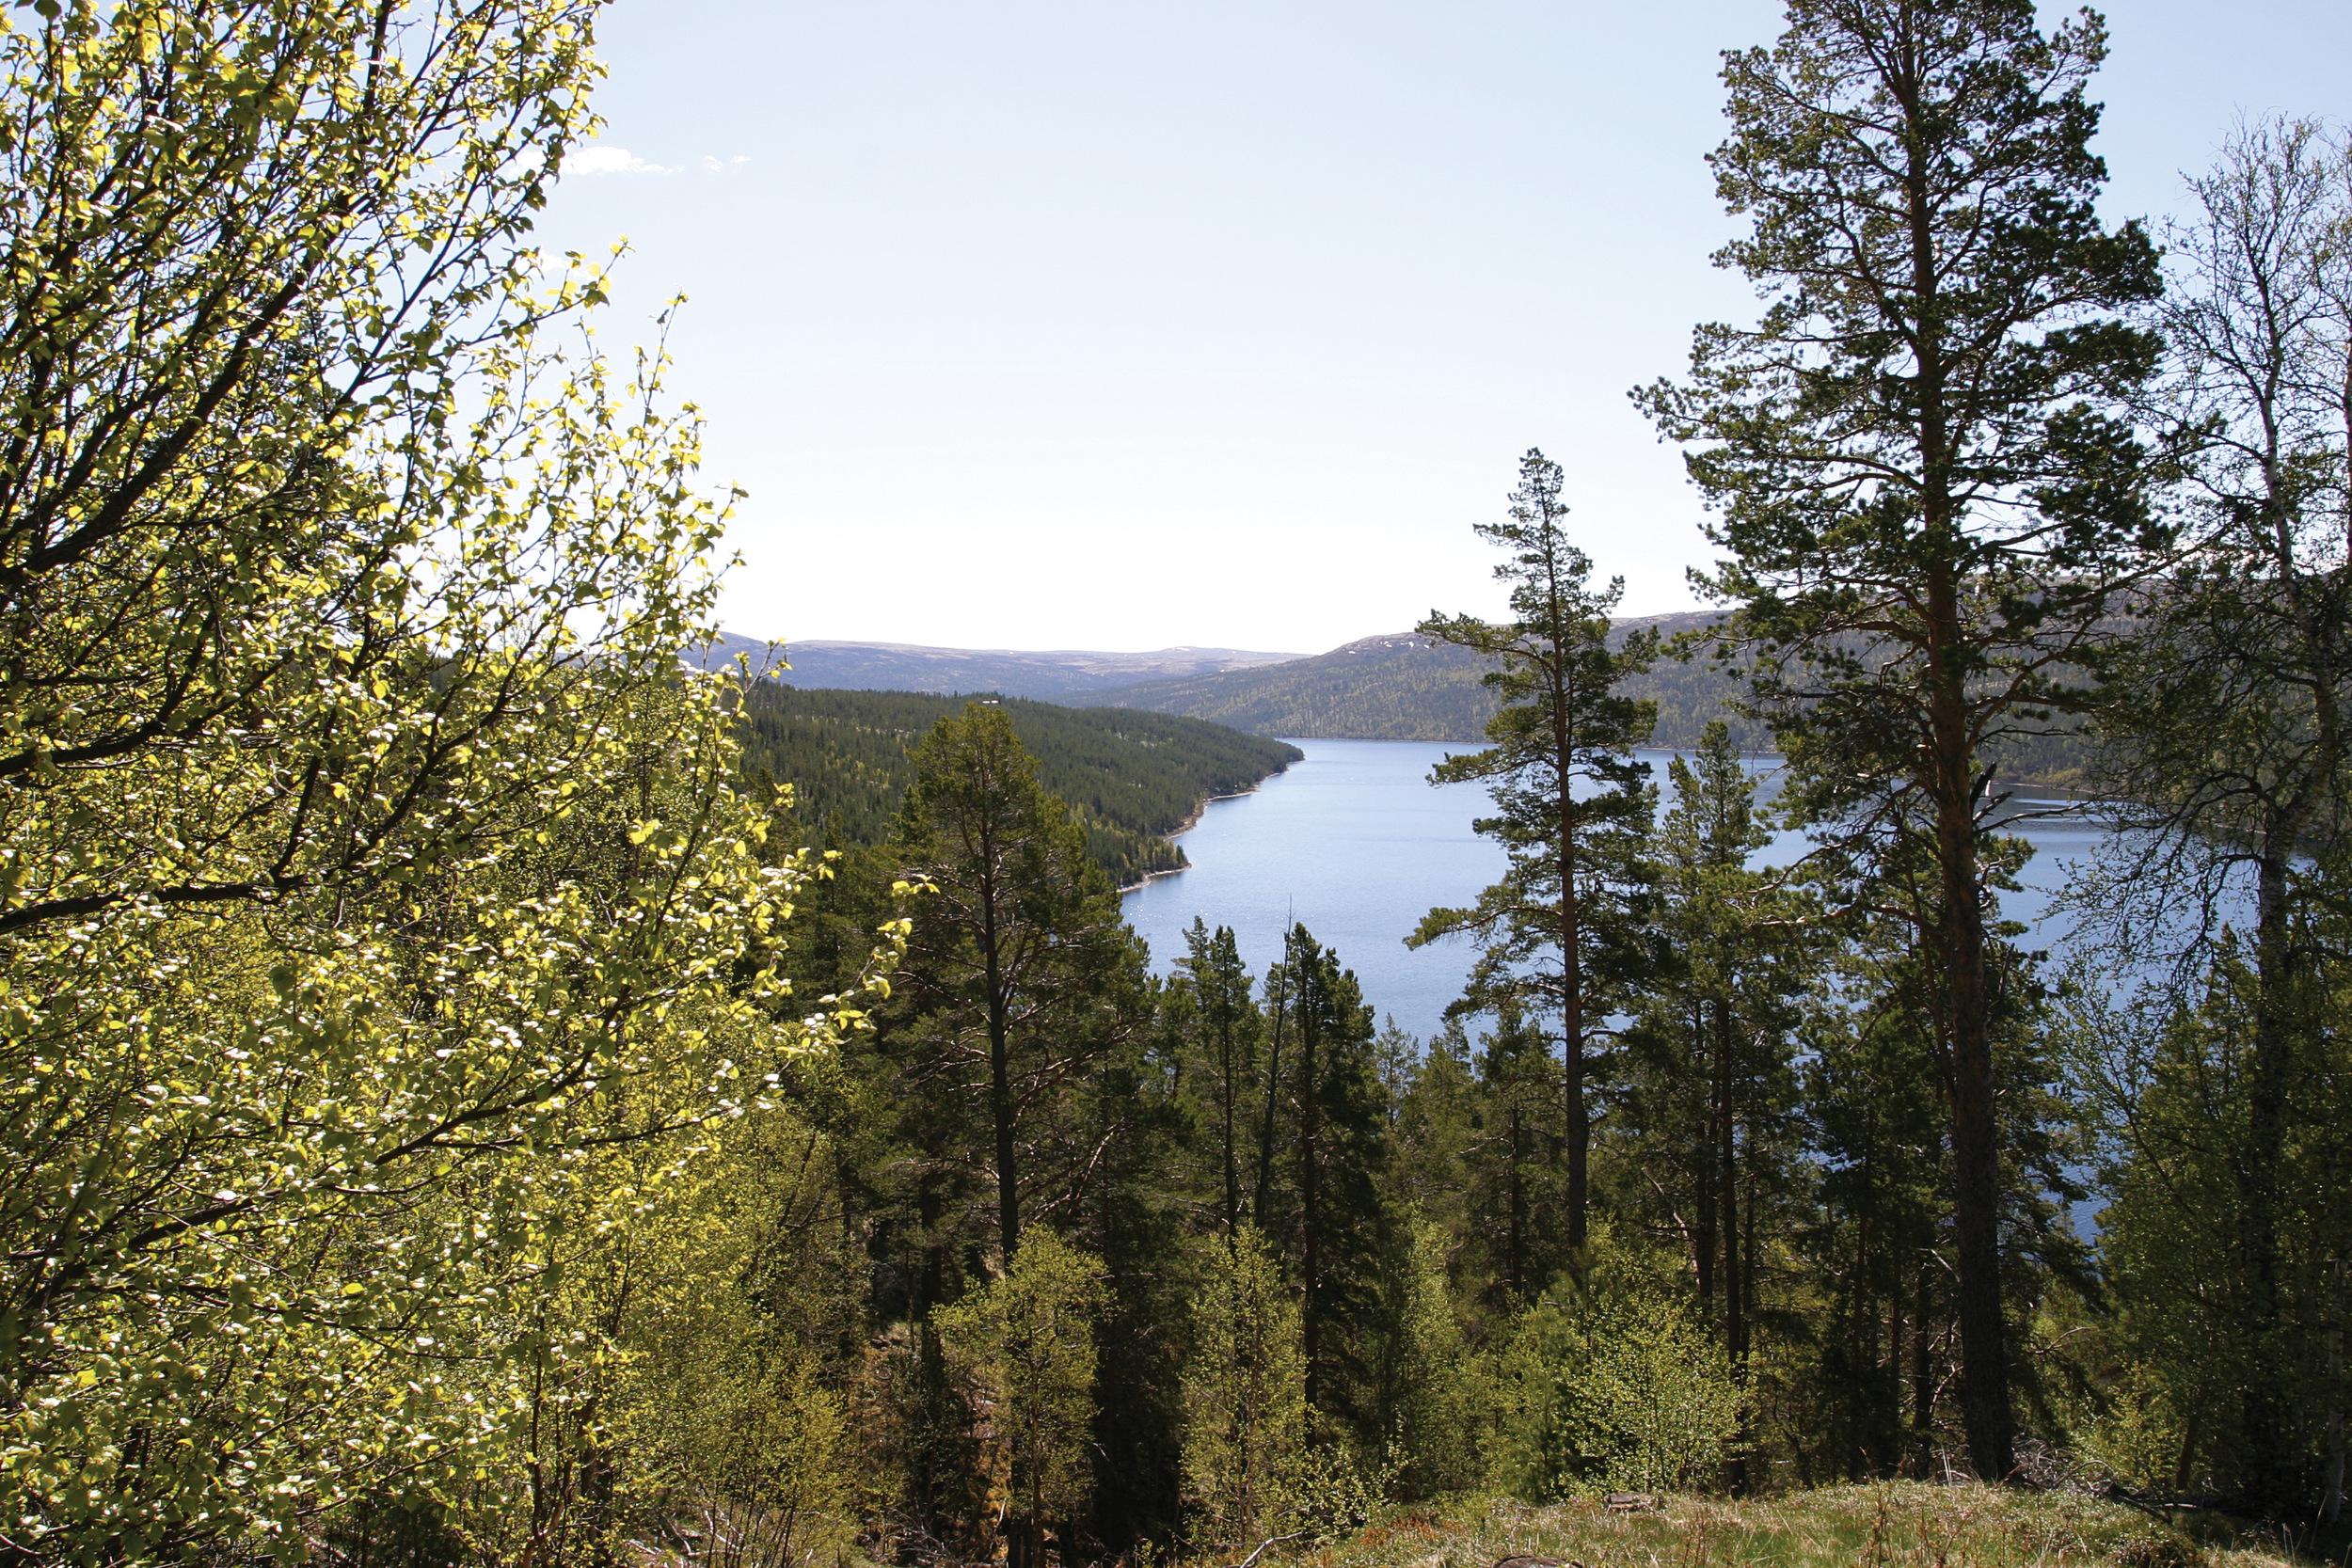 Tømmerressursene i skogen er betinget fornybare så lenge man også sørger for at ny skog kommer opp etter hogst. Foto: John Yngvar Larsson, NIBIO